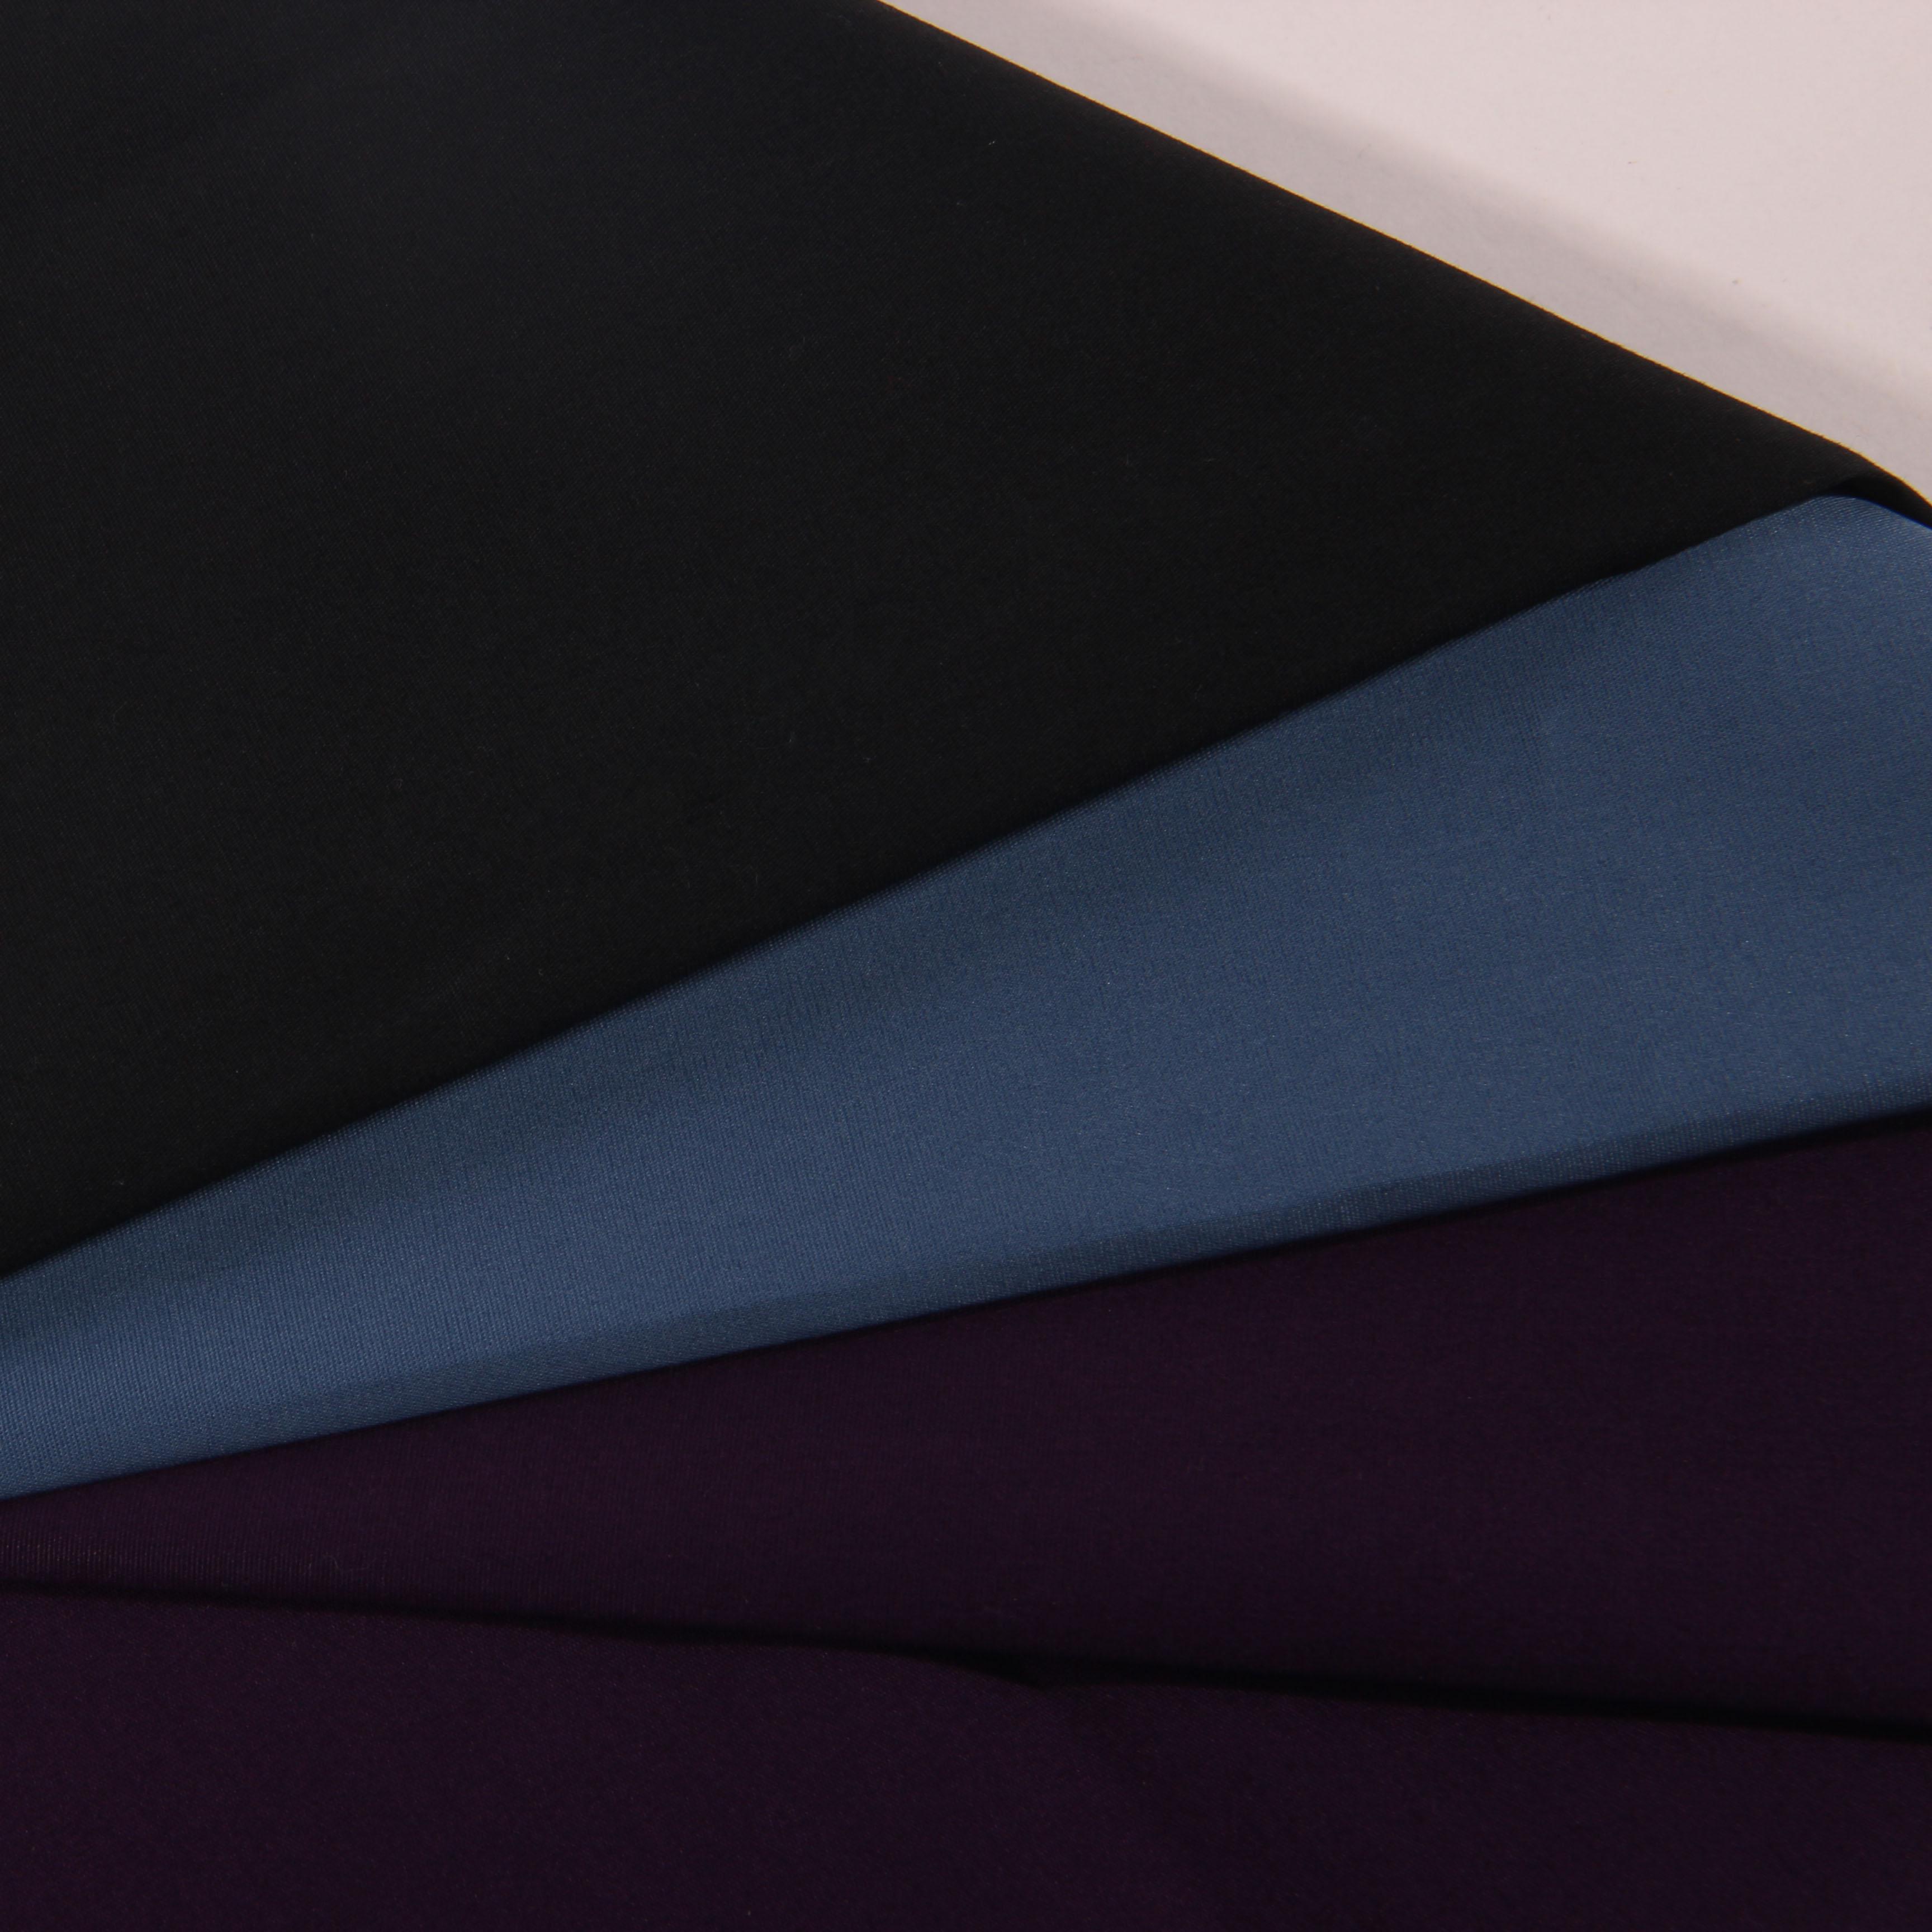 98% Хлопок 2% спандекс деловая повседневная юбка и рубашка для девочек модная, оборот в минуту (R/S Окрашенные плотная Лайка из эластичной ткани